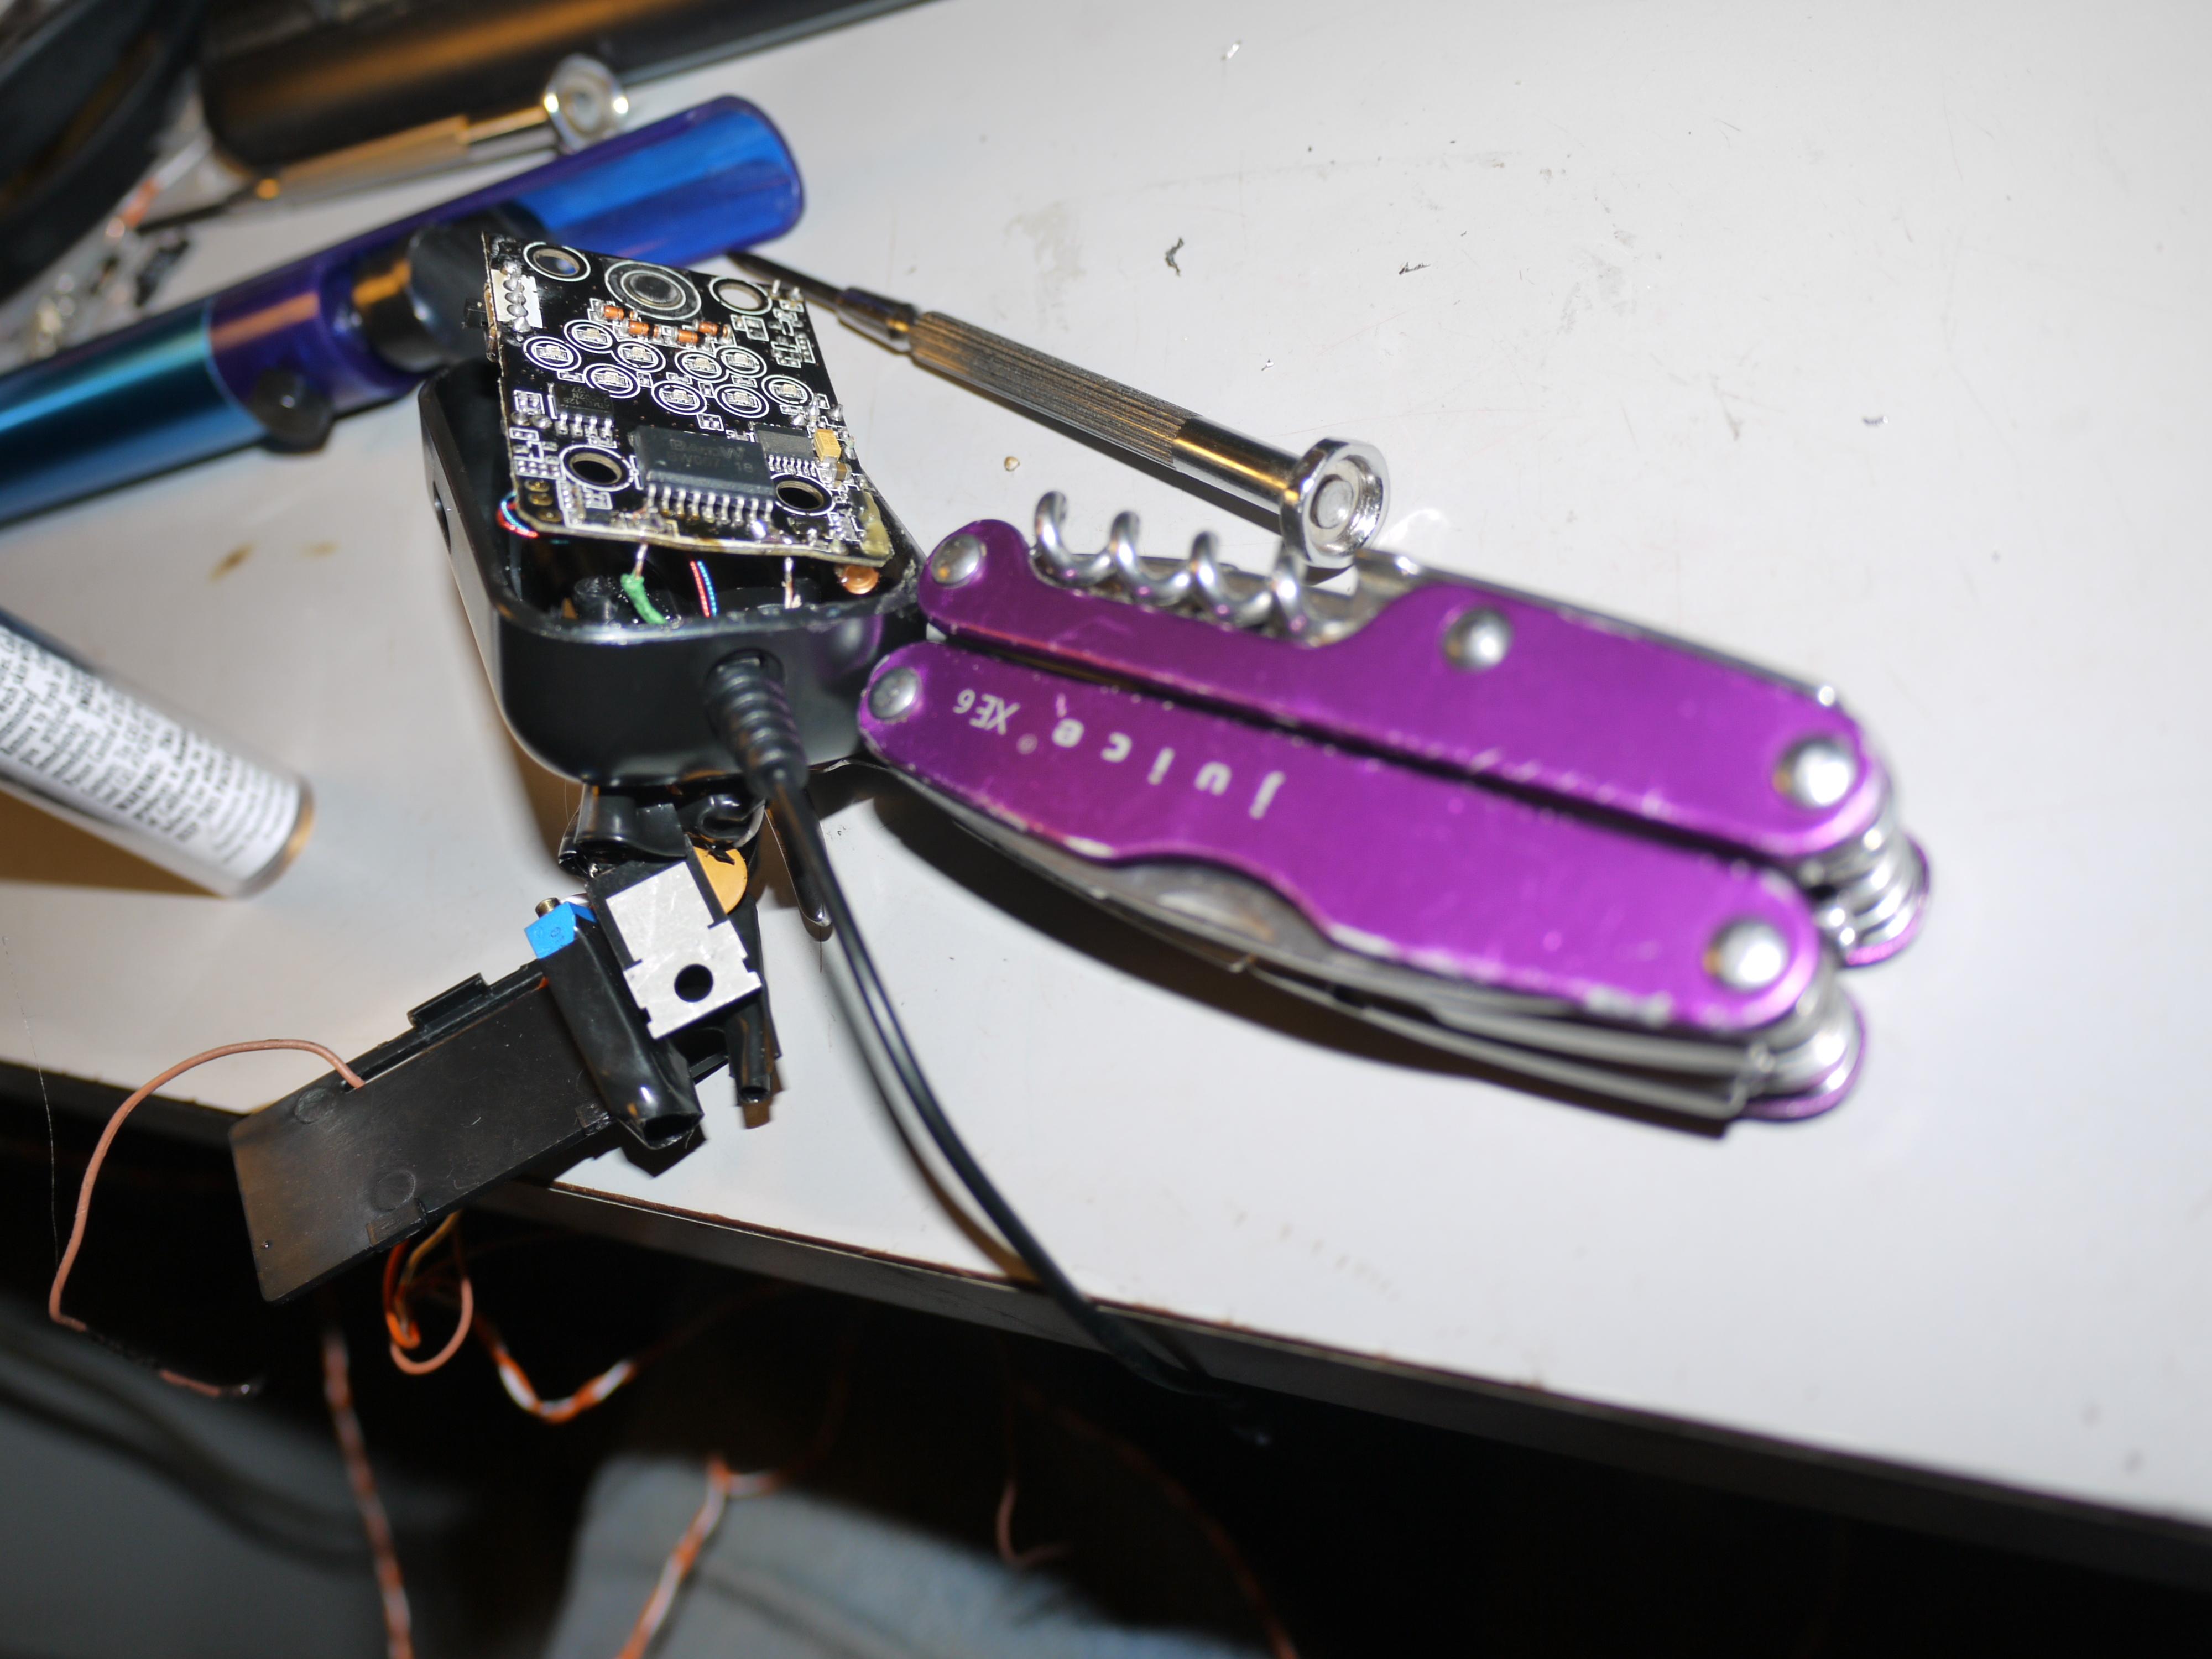 Hack the Scosche FMT4 FMTransmitter!